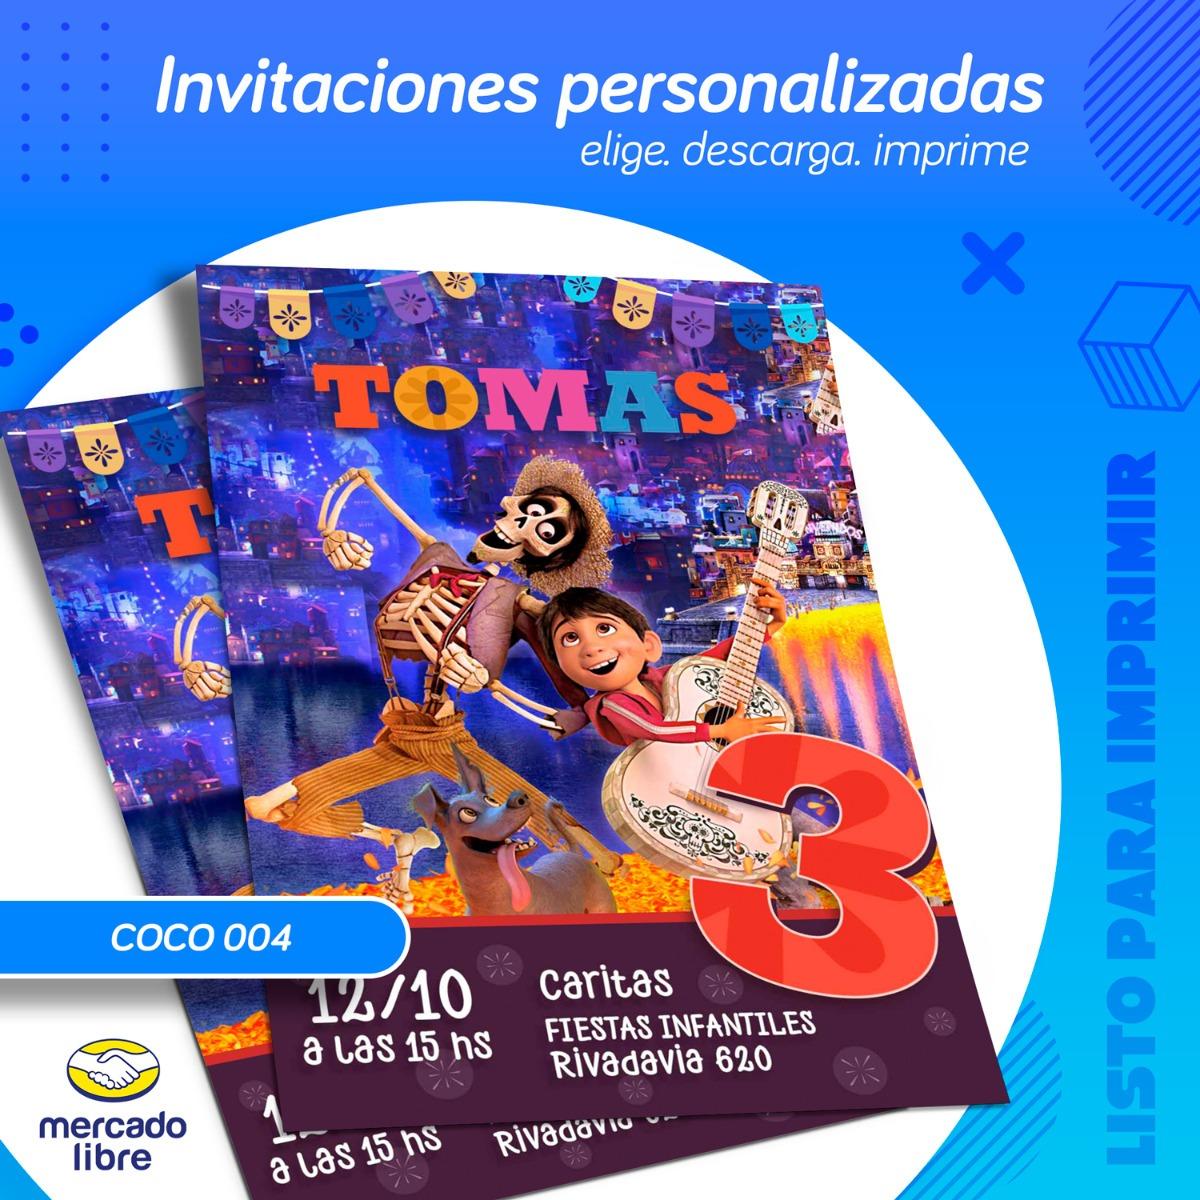 Invitacion Personalizada De Coco Listo Para Imprimir 99 00